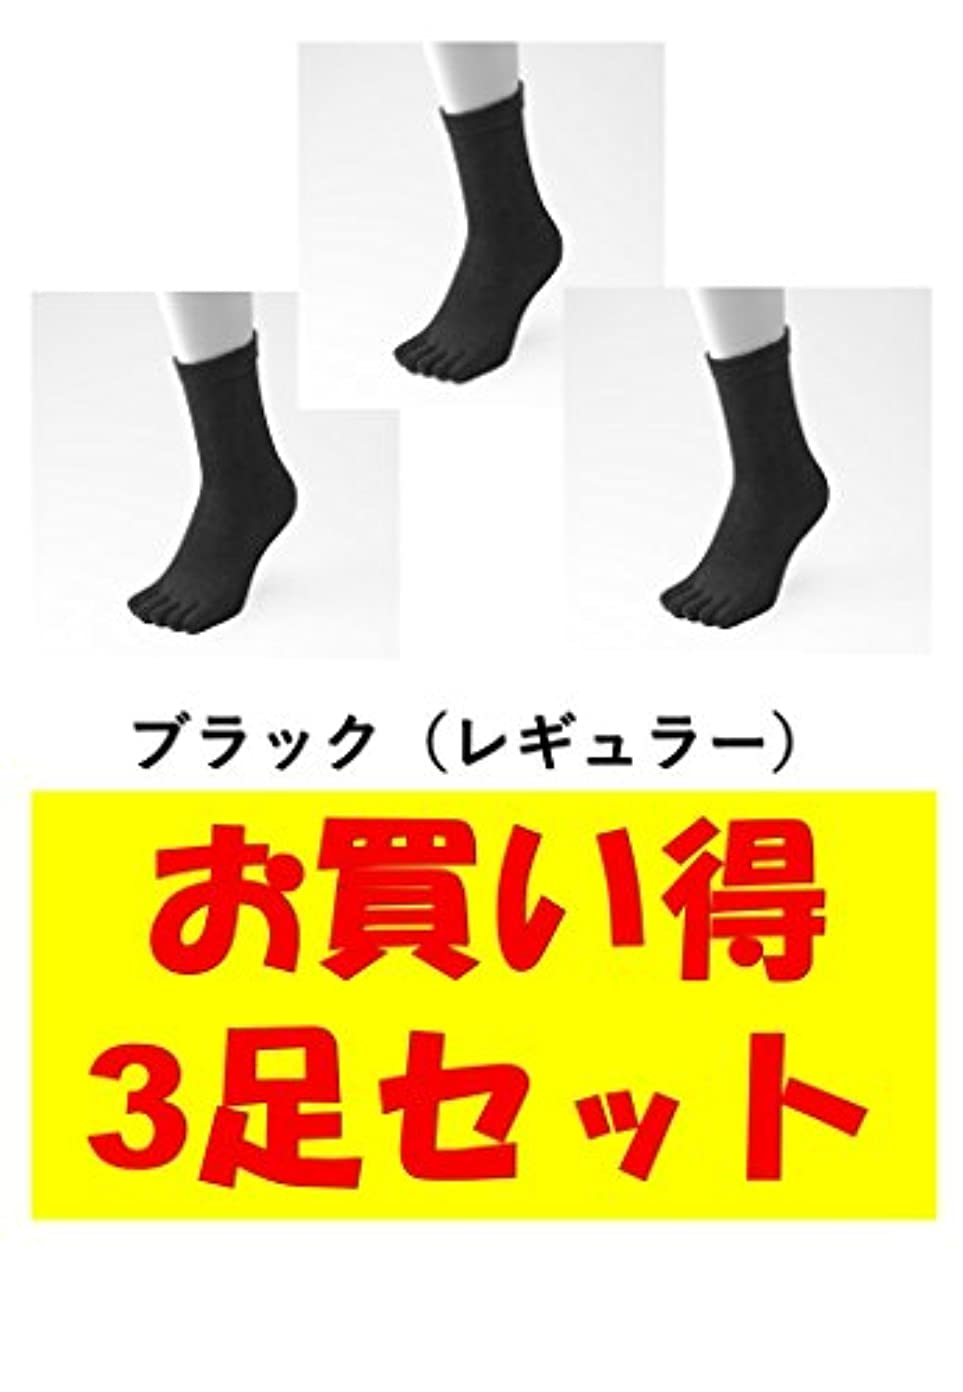 不器用対抗快いお買い得3足セット 5本指 ゆびのばソックス ゆびのばレギュラー ブラック 女性用 22.0cm-25.5cm HSREGR-BLK